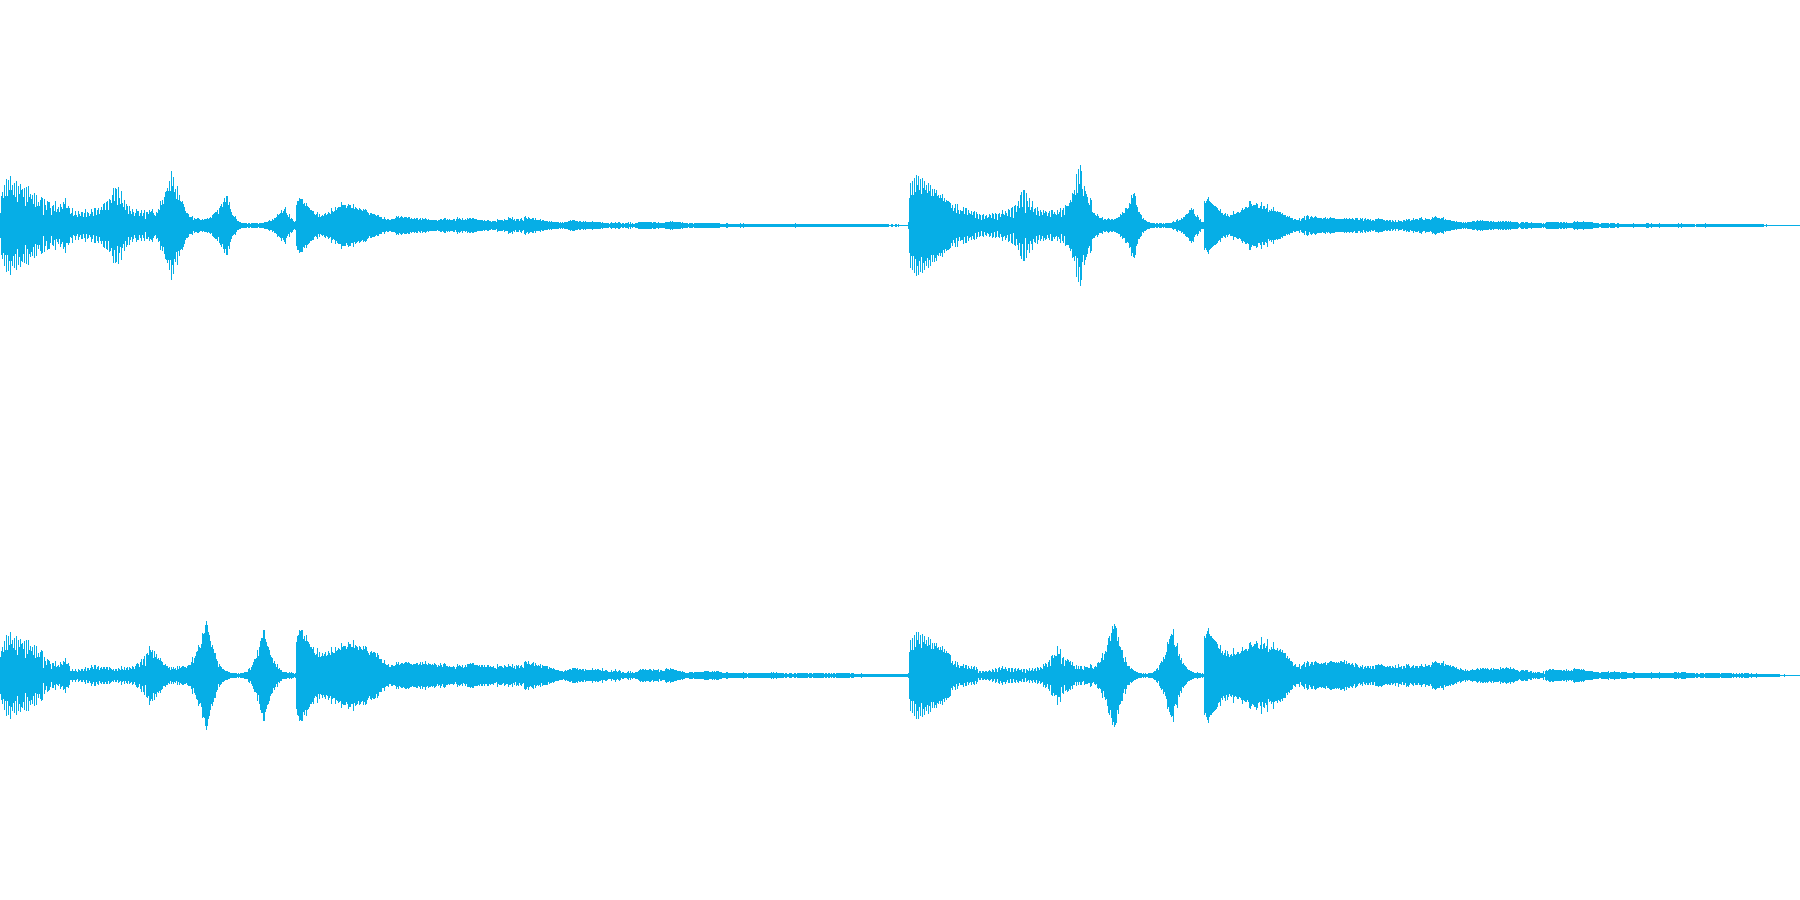 シャラララ…シャラ 謎の通信音 (SF)の再生済みの波形